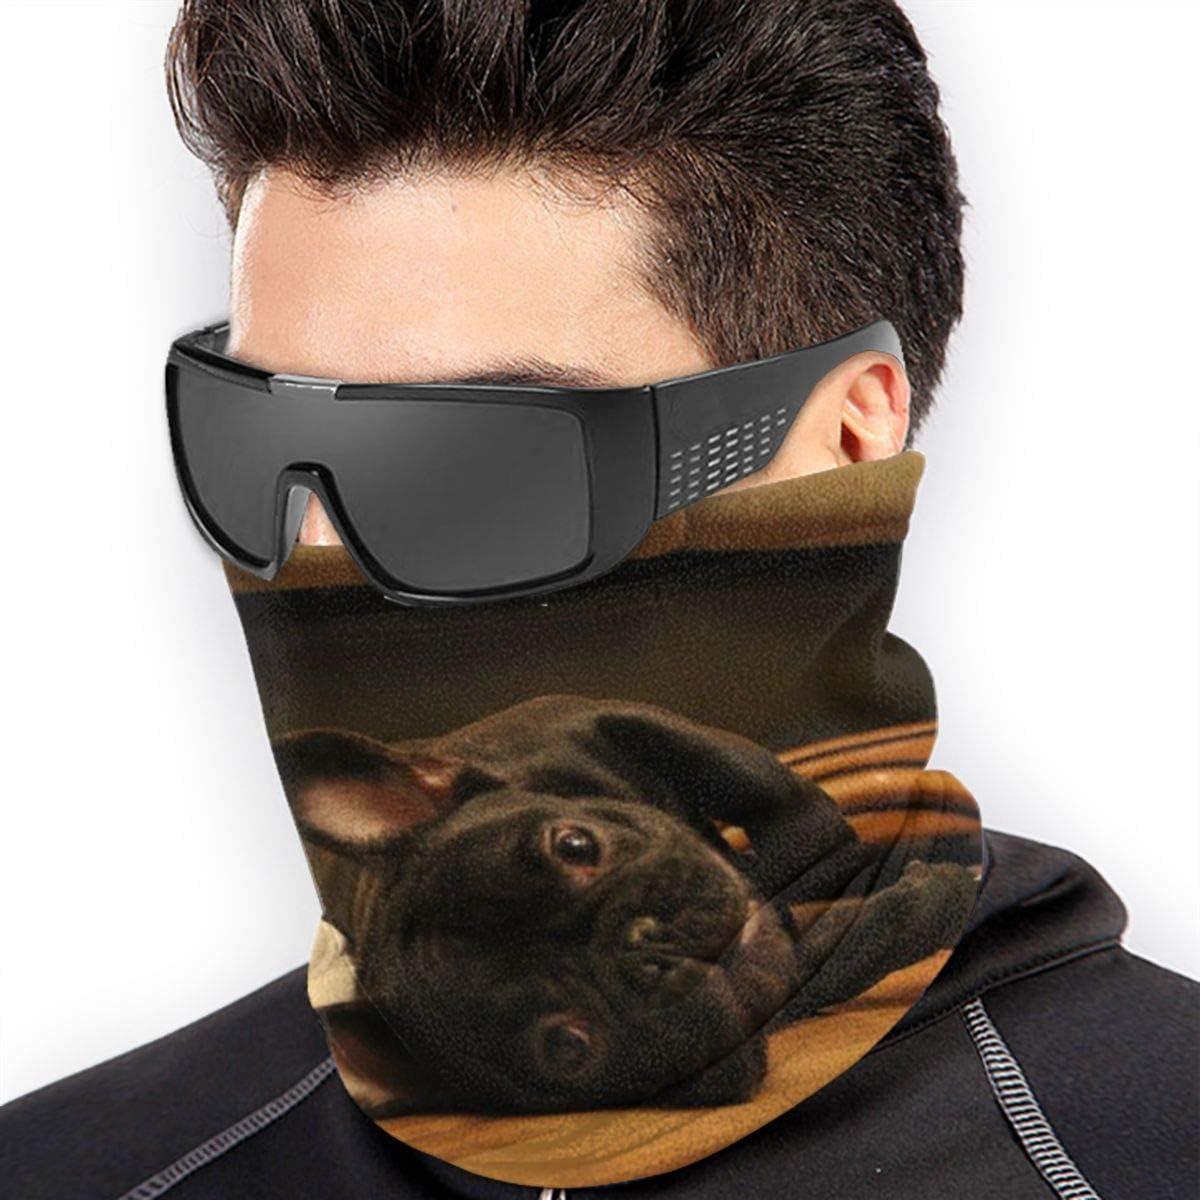 Two Bulldog French Neck Warmer Gaiter For Men Women Headband Face Mask Bandana Head Wrap Scarf Headwear Winter Balaclava For Ski Running Motorcycle